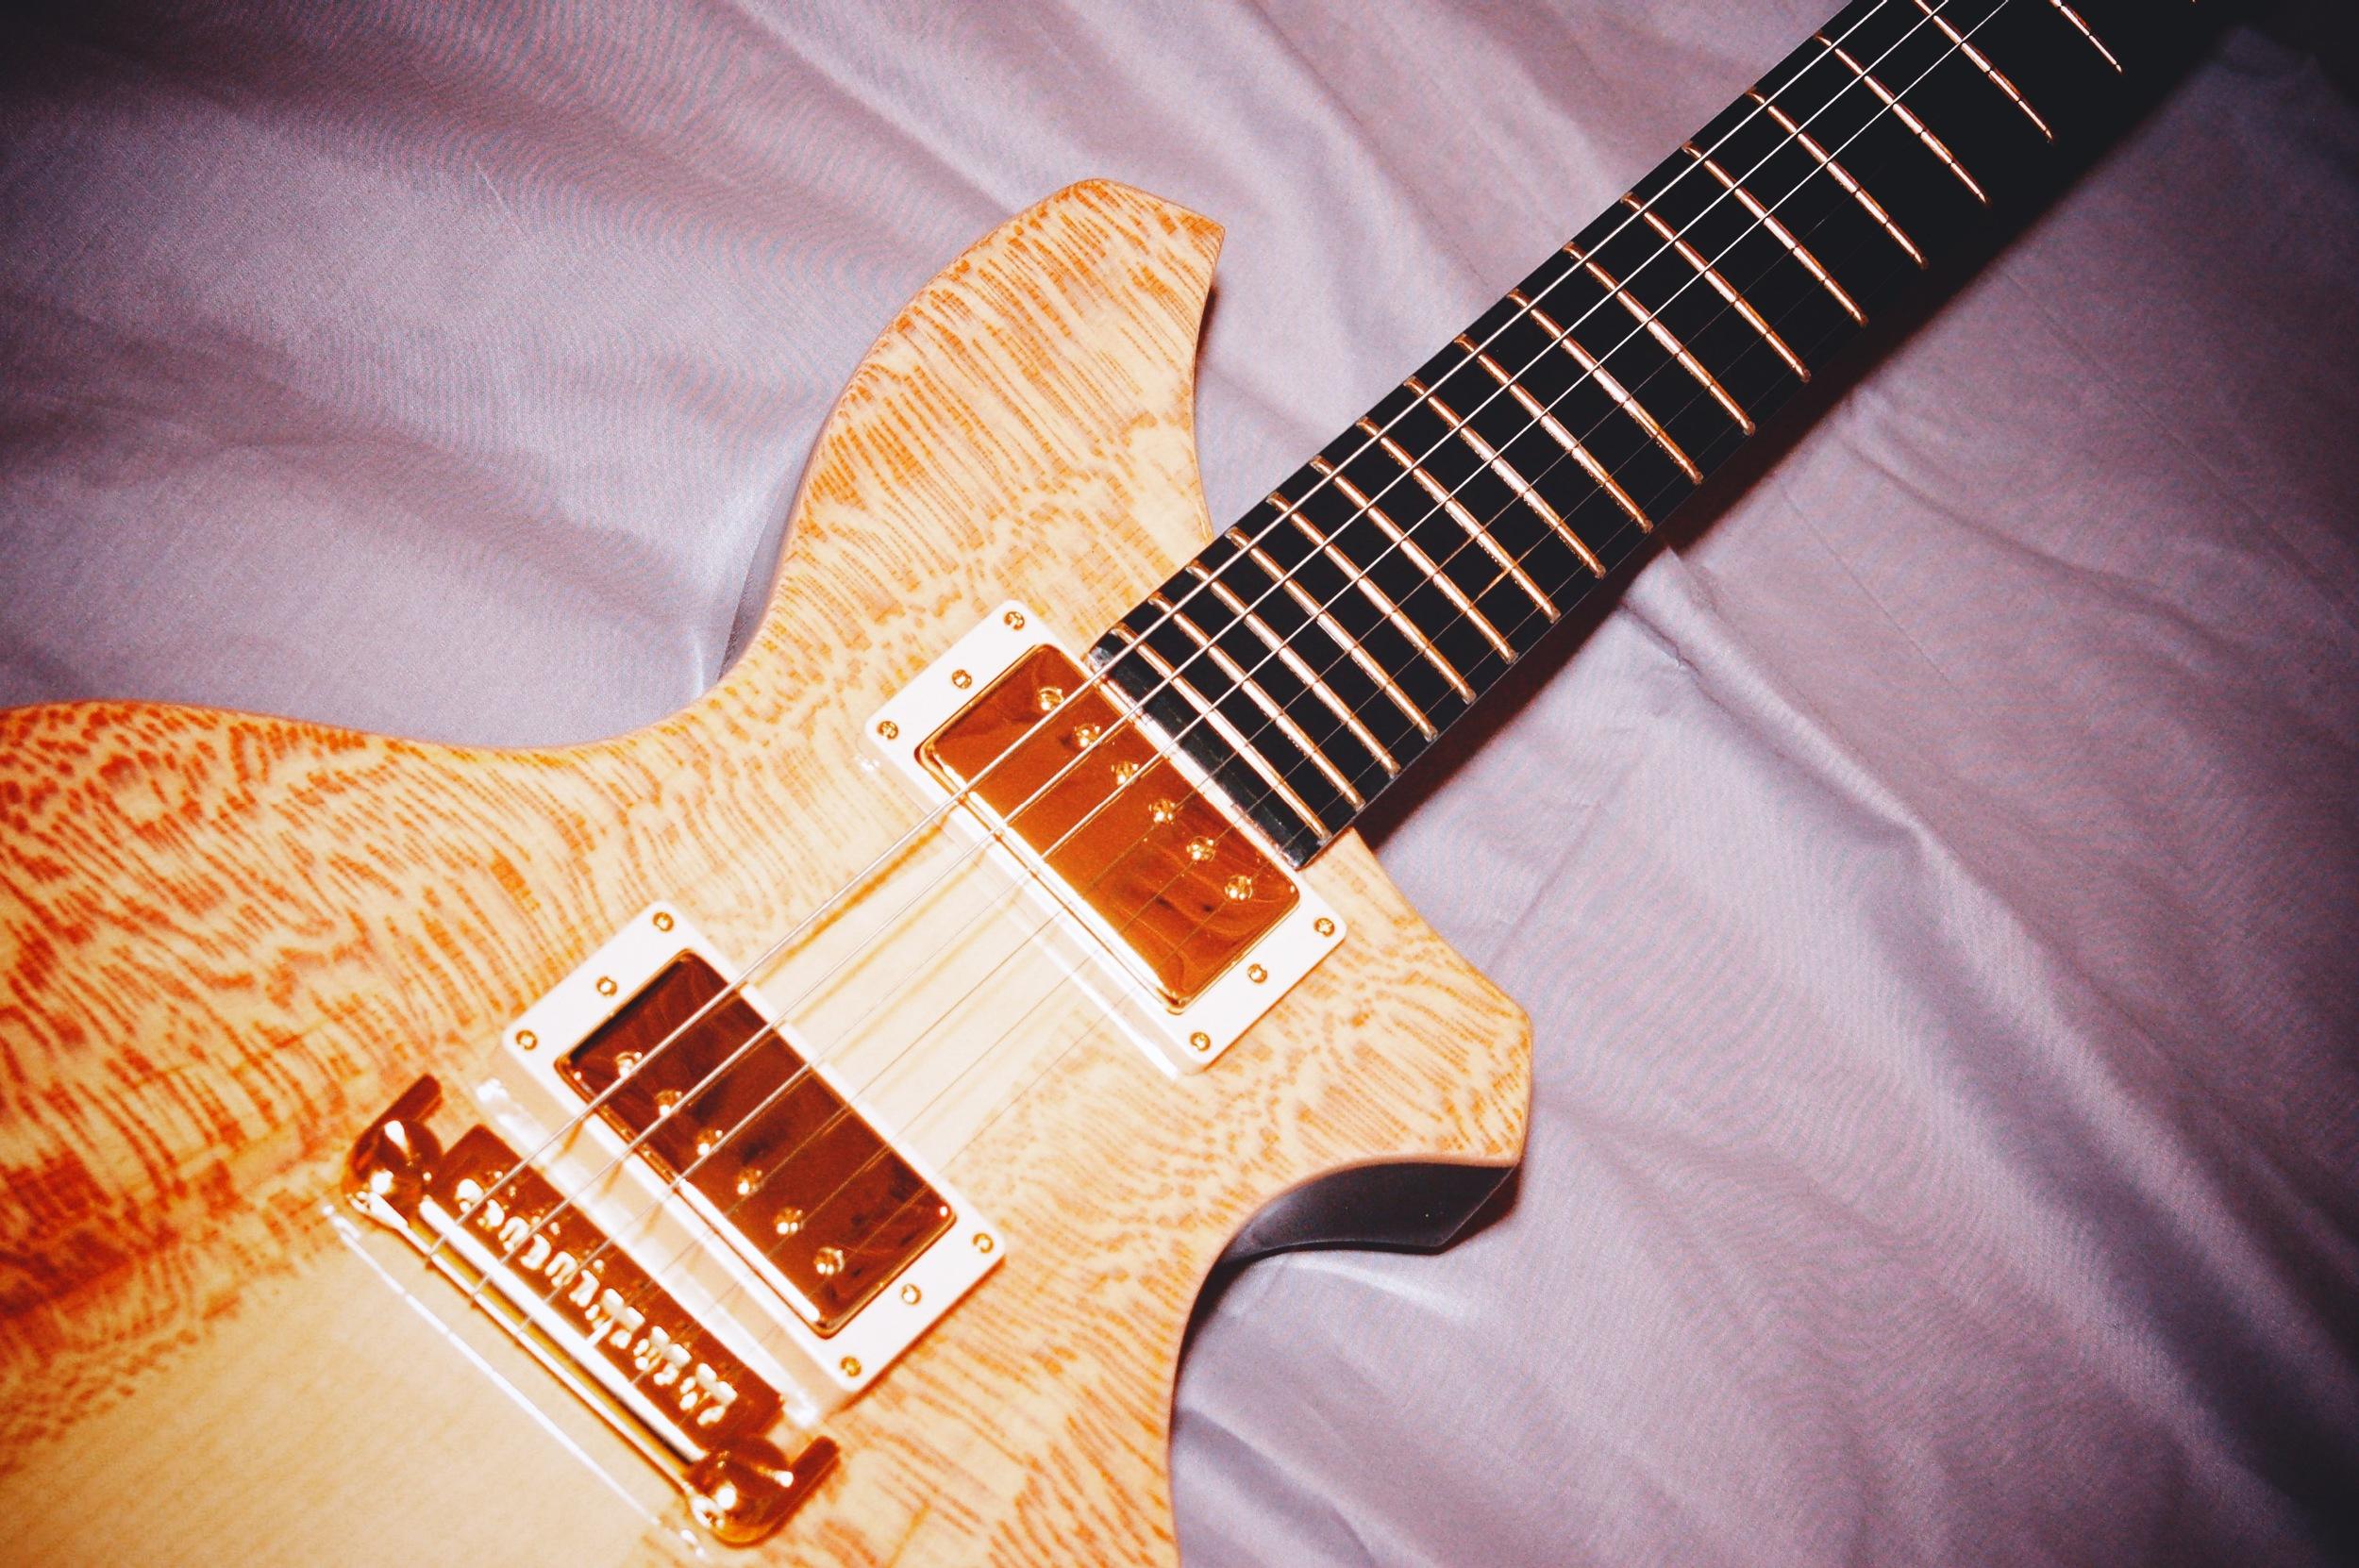 haze guitars burlesque05.jpg